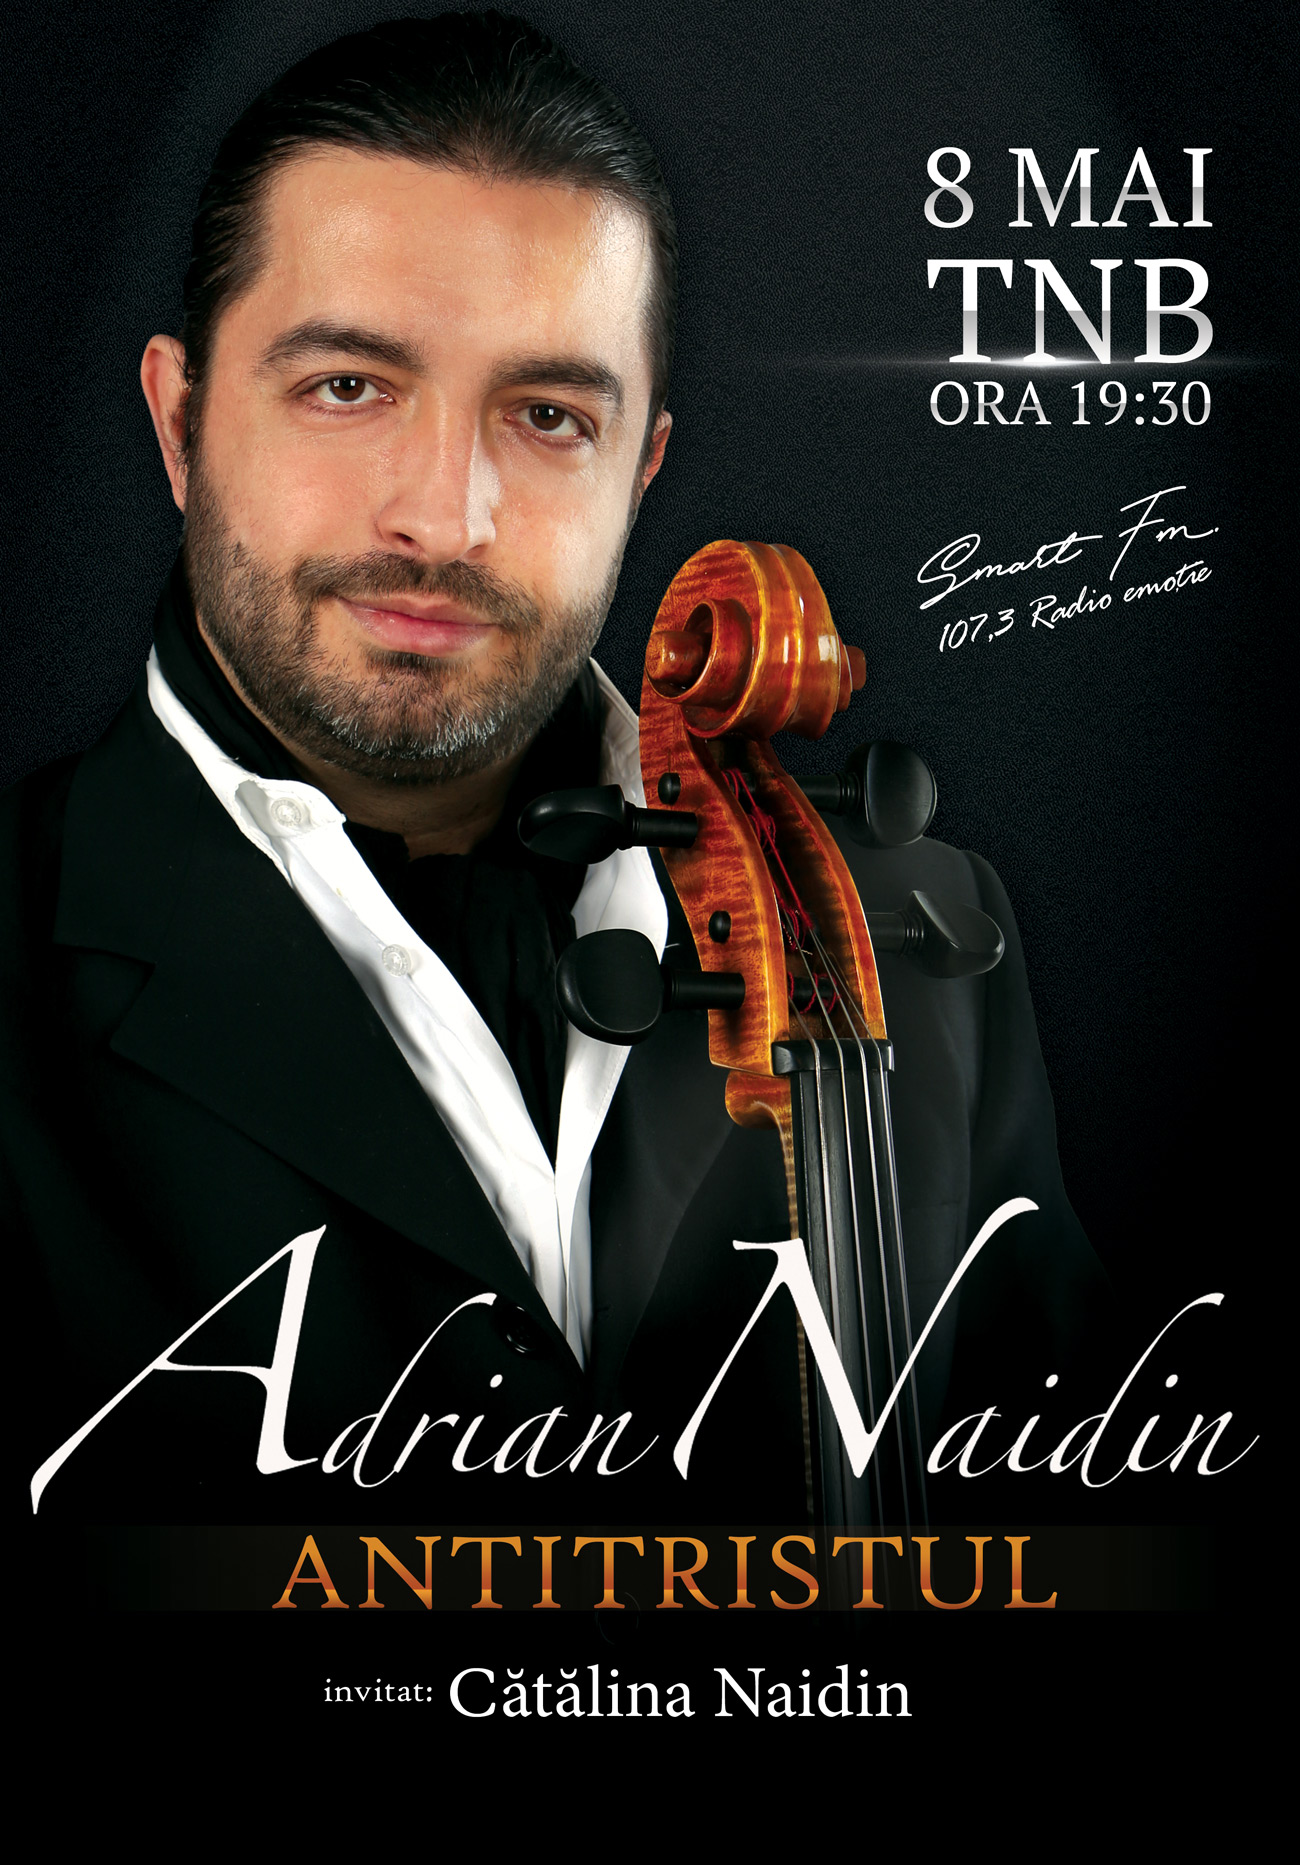 Adrian Naidin - Antitristul